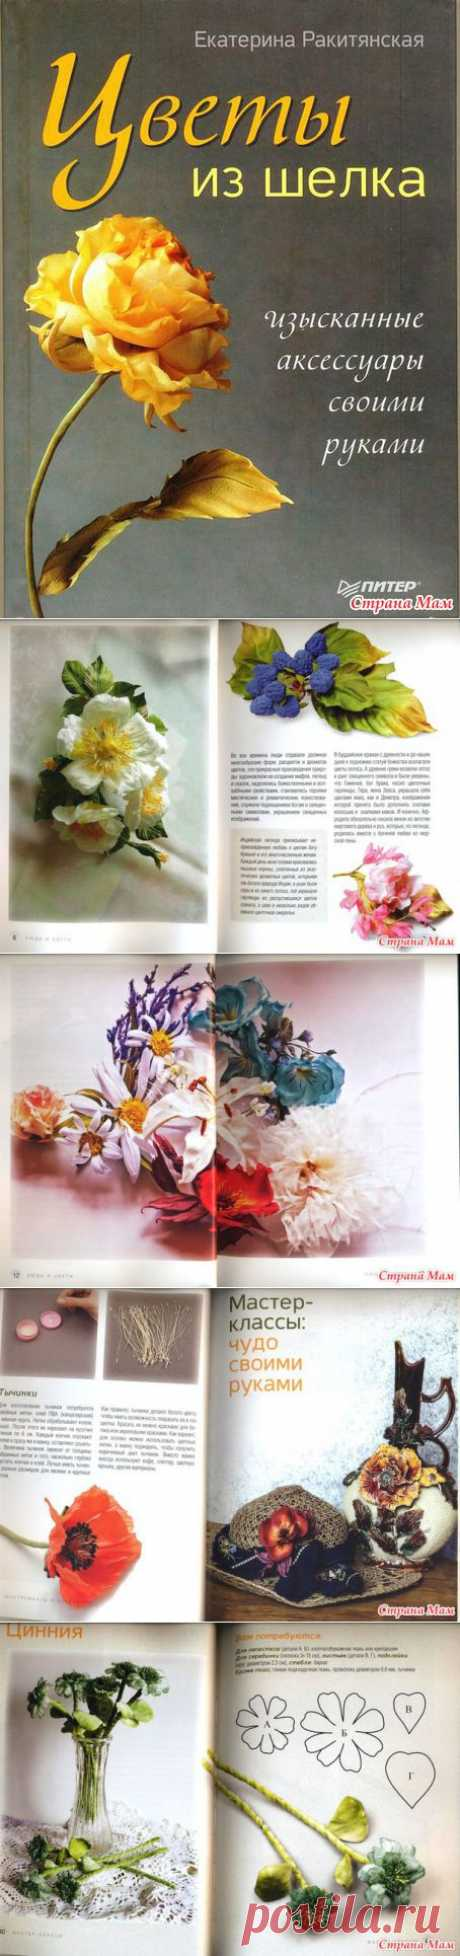 """Цветы из шелка (книга): Дневник группы """"Цветы из ткани"""" - Страна Мам"""